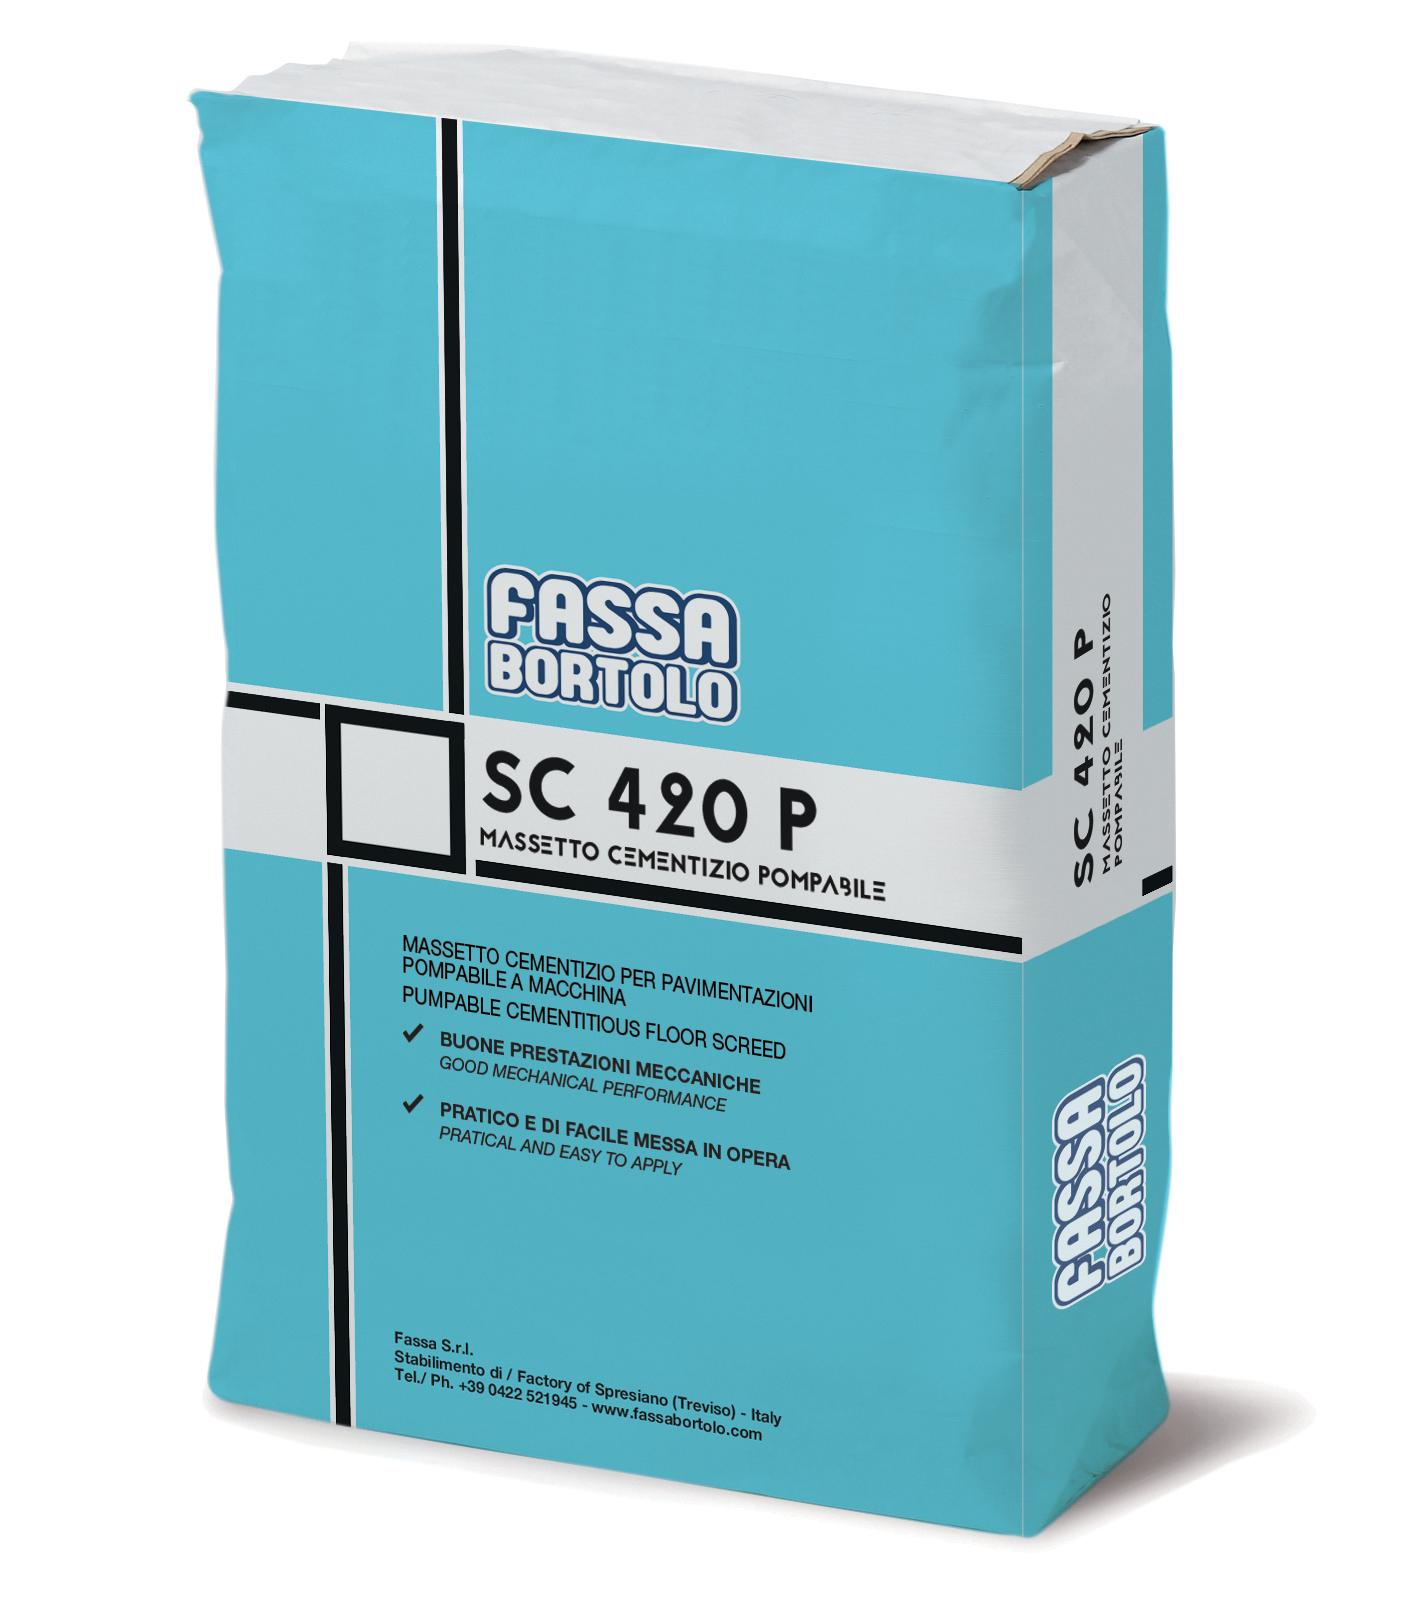 SC 420 P: Massetto a base cementizia, ad essiccazione tradizionale e ritiro controllato, per pavimenti interni ed esterni, pompabile a macchina